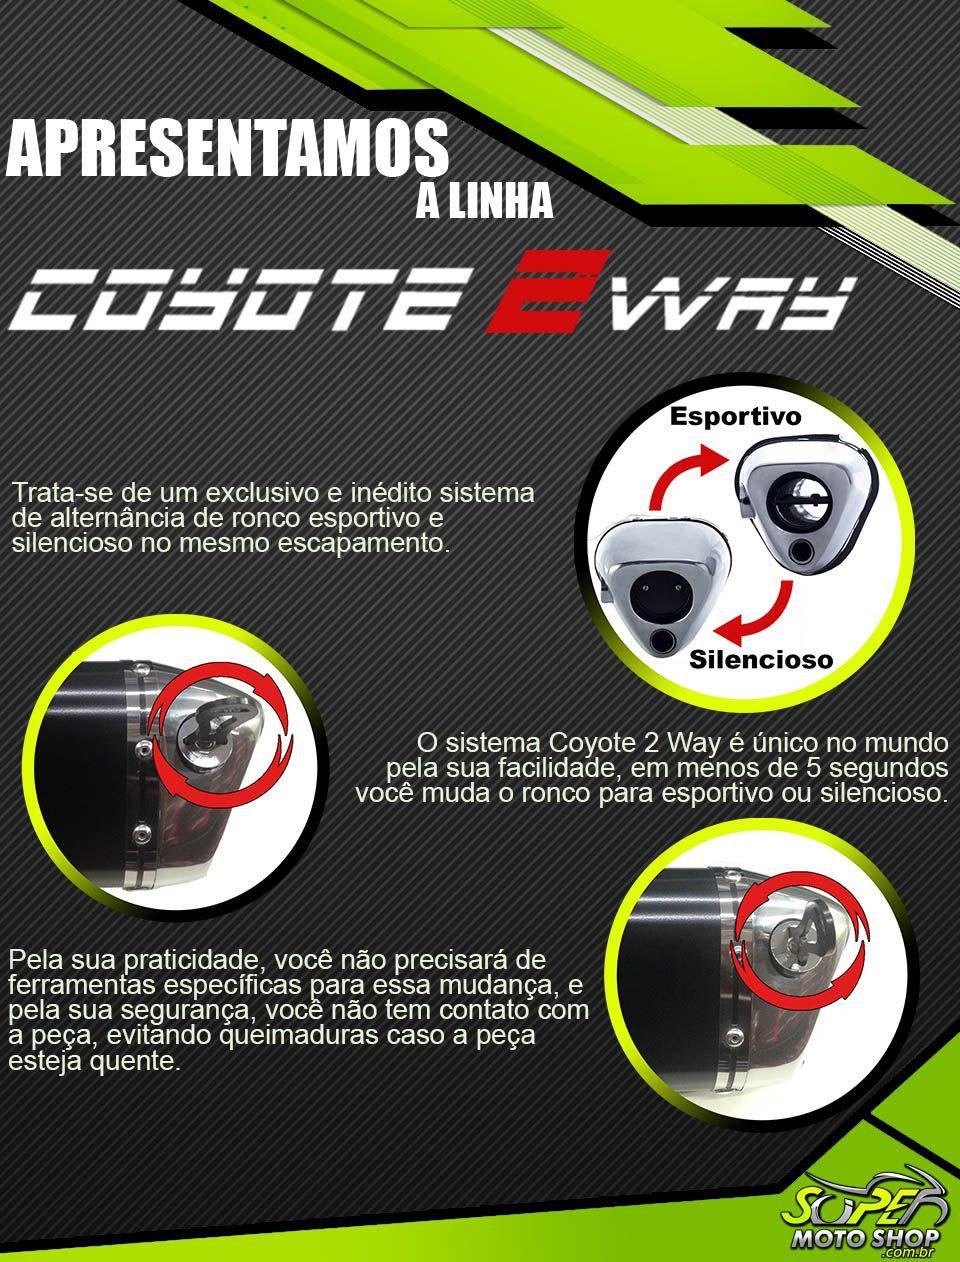 Escape / Ponteira Coyote TRS 2 WAY Alumínio - Tornado XR 250 até 2006 - Honda